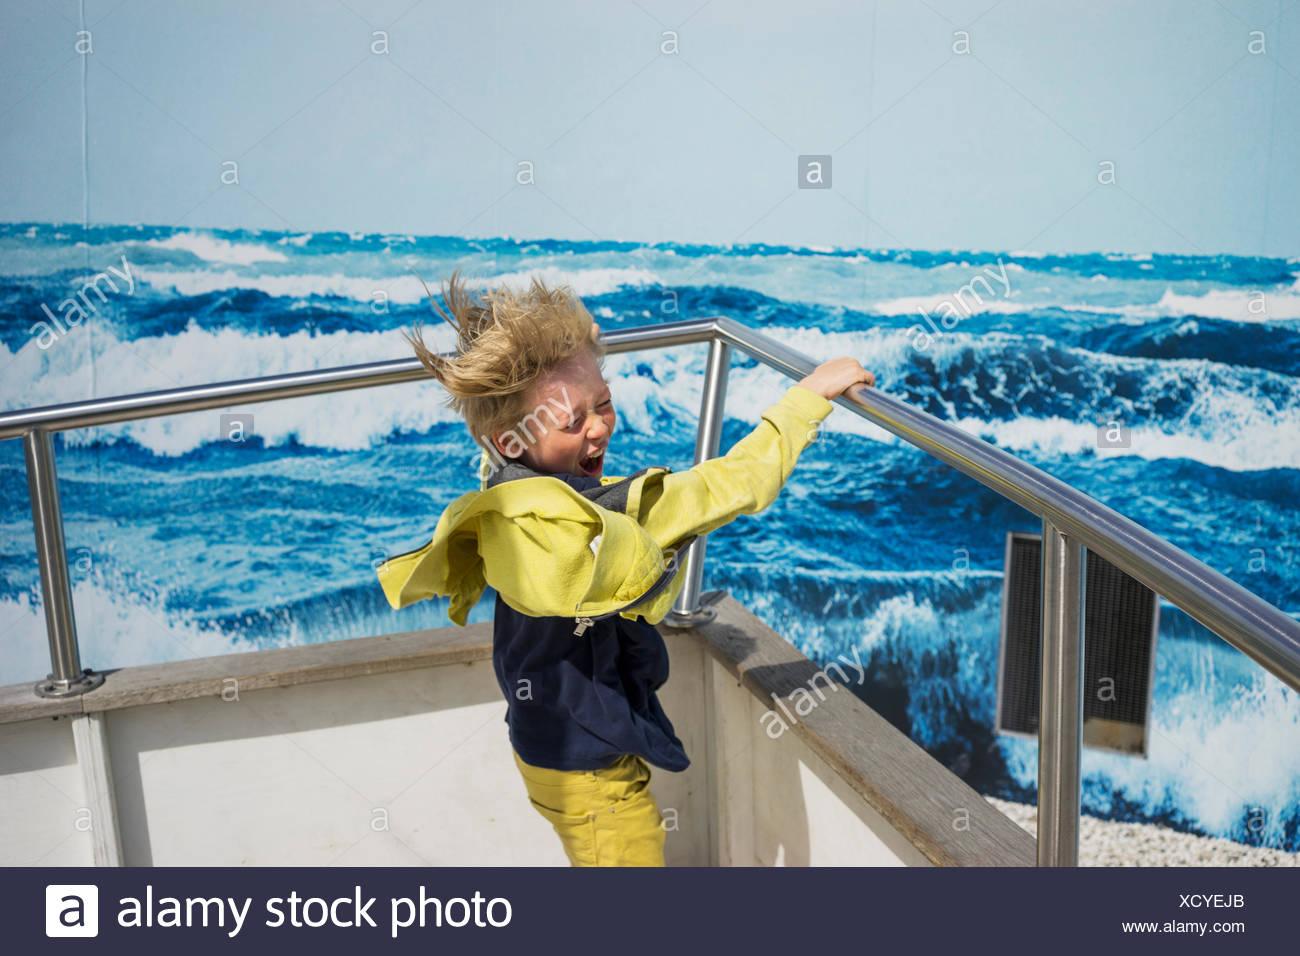 Un jeune garçon sur un bateau par temps humide gear Photo Stock